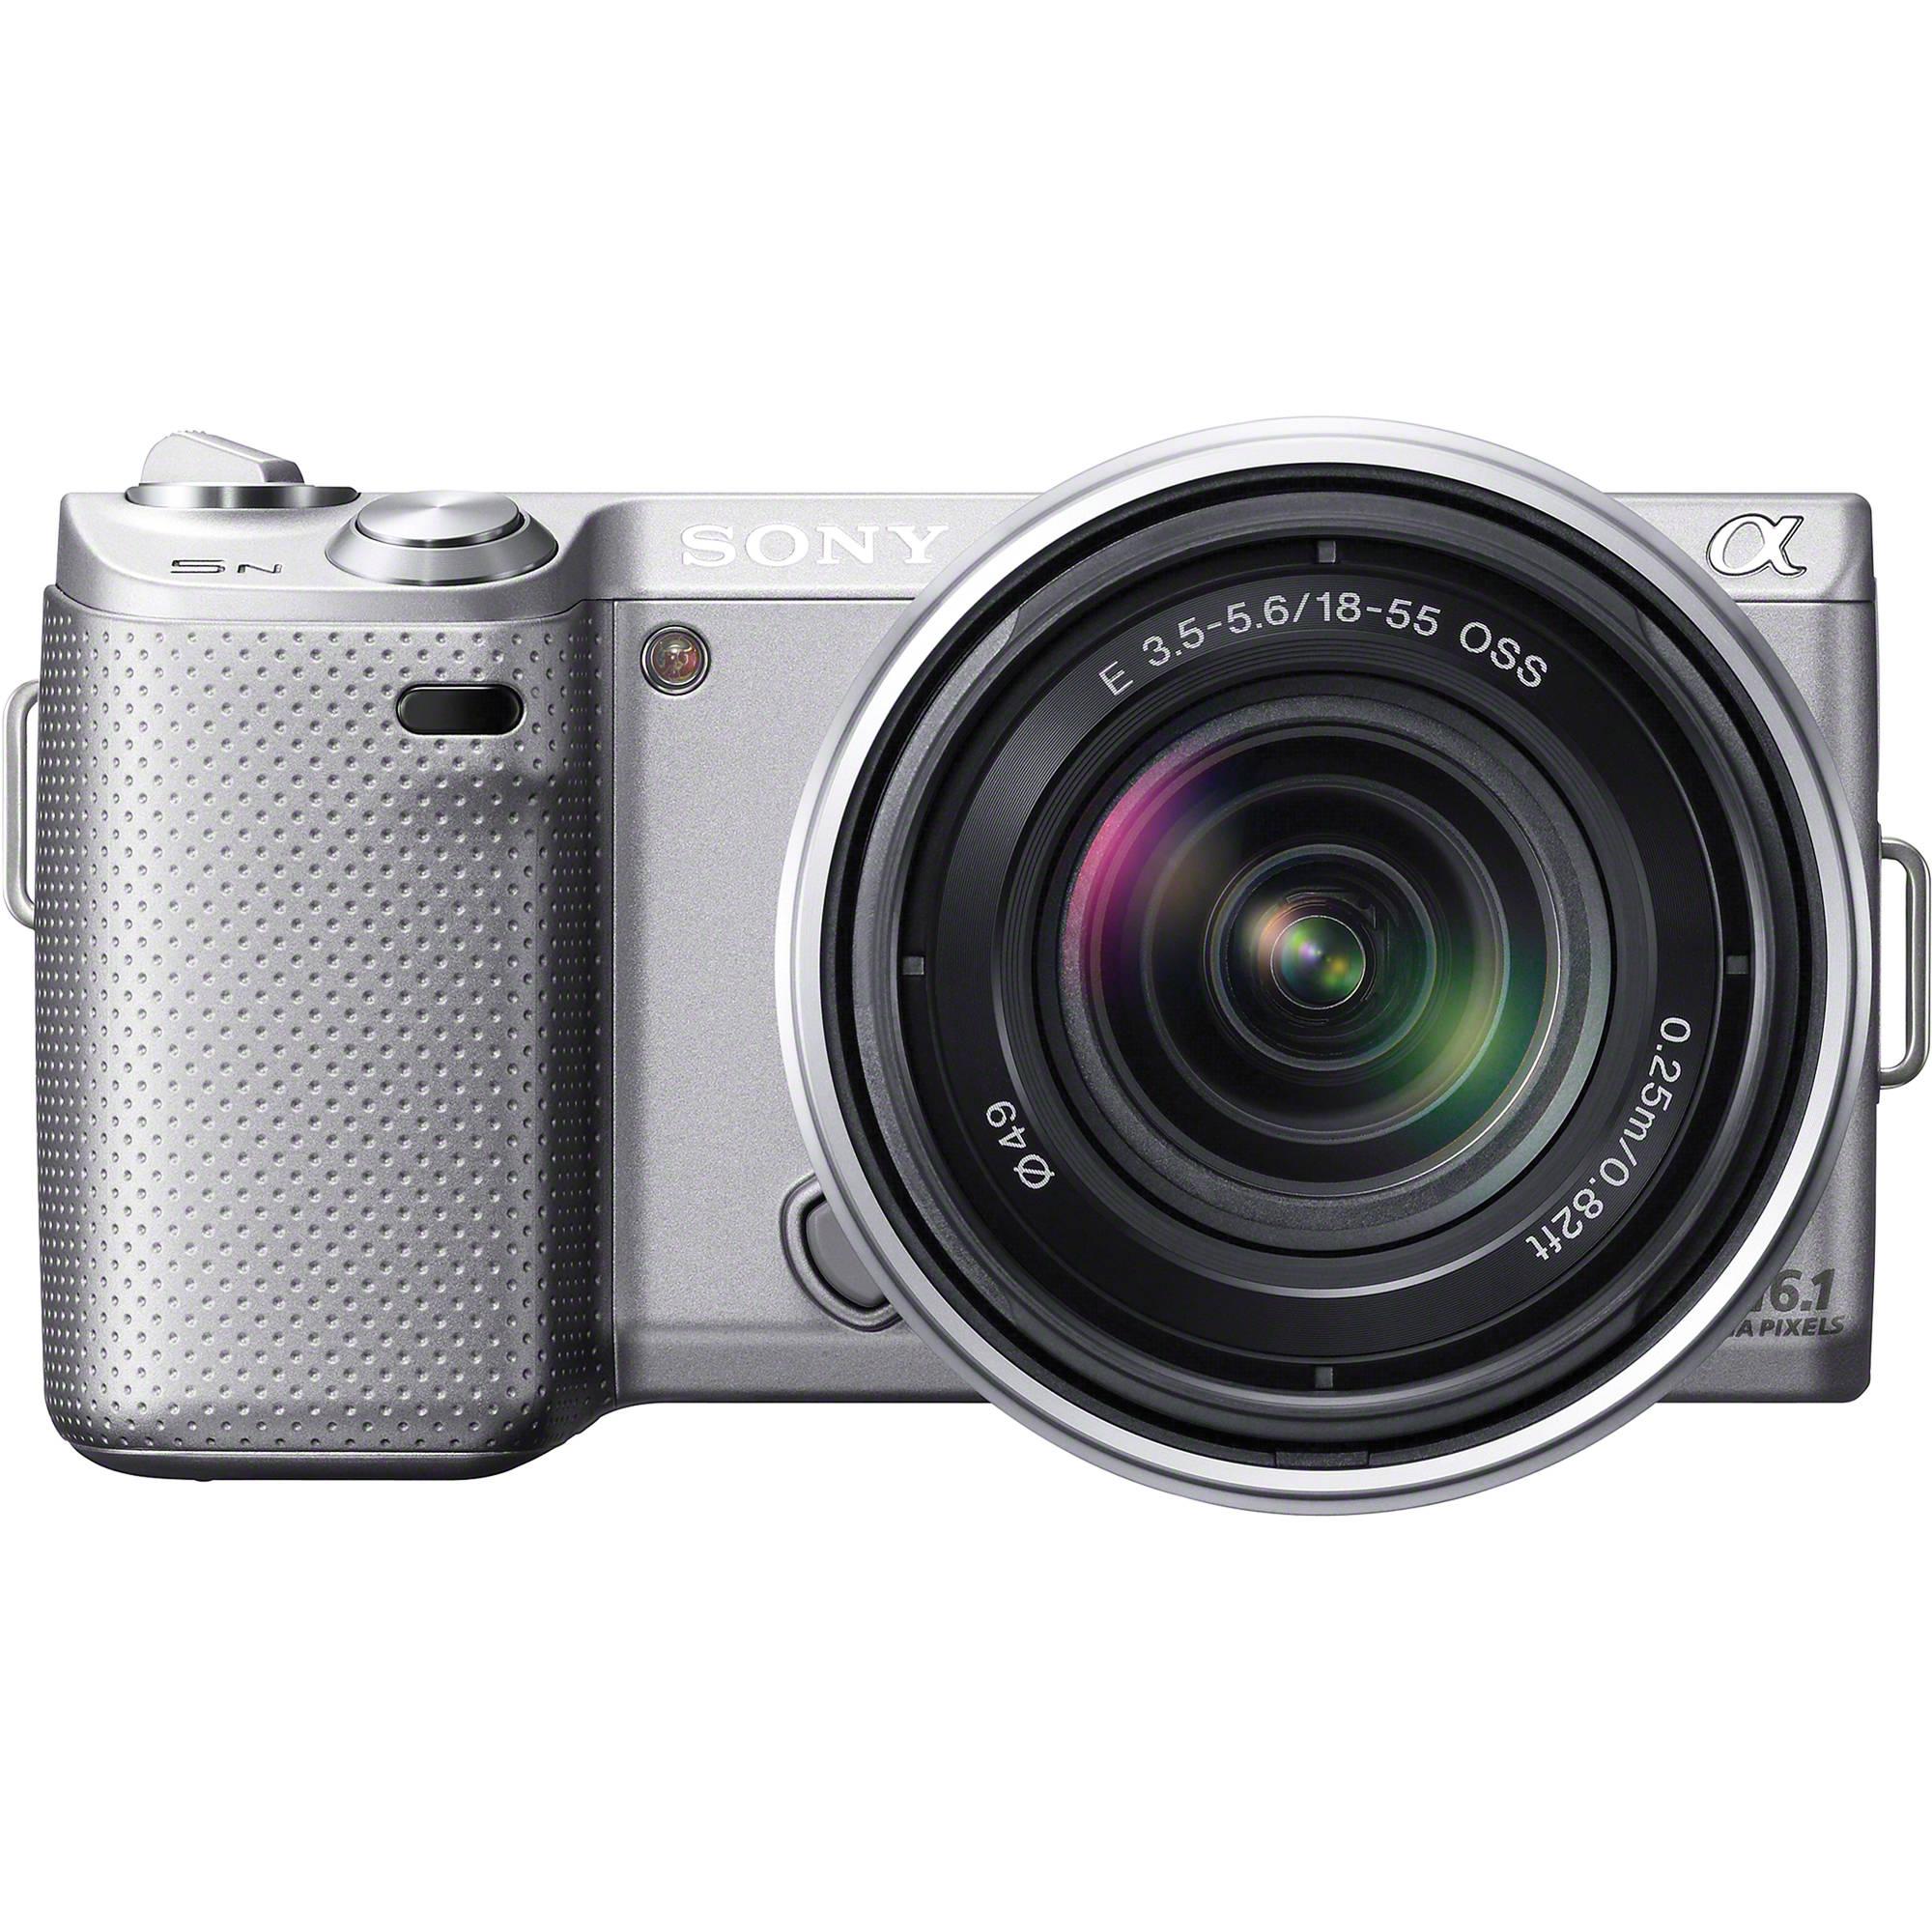 Sony Alpha NEX 5N Digital Camera With 18 55mm Lens Silver